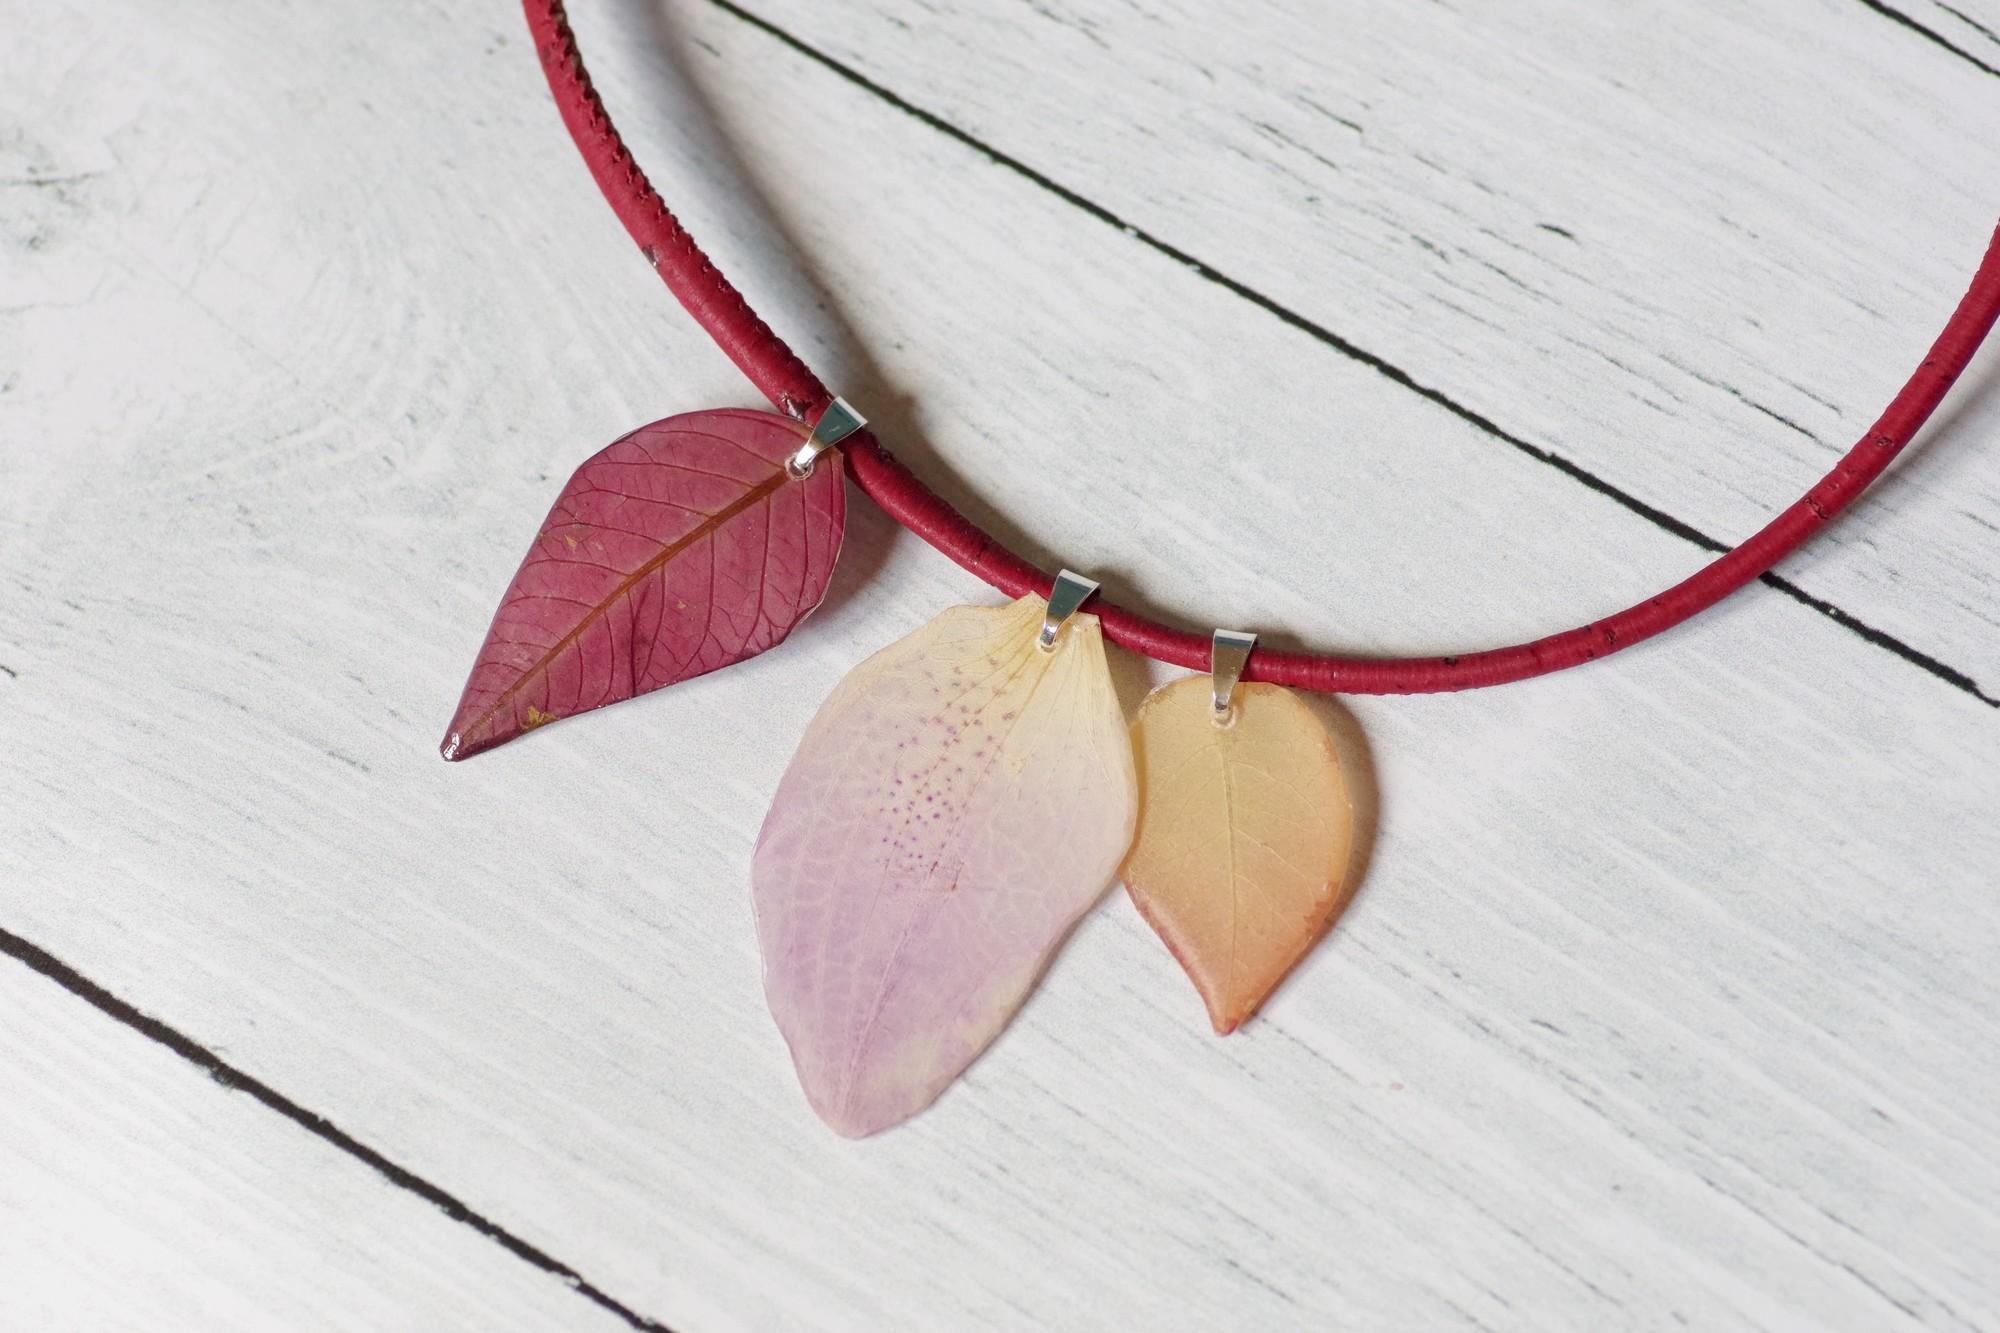 trois pendentifs pétales rose, saumon et pourpre sur un collier en liège rouge sombre